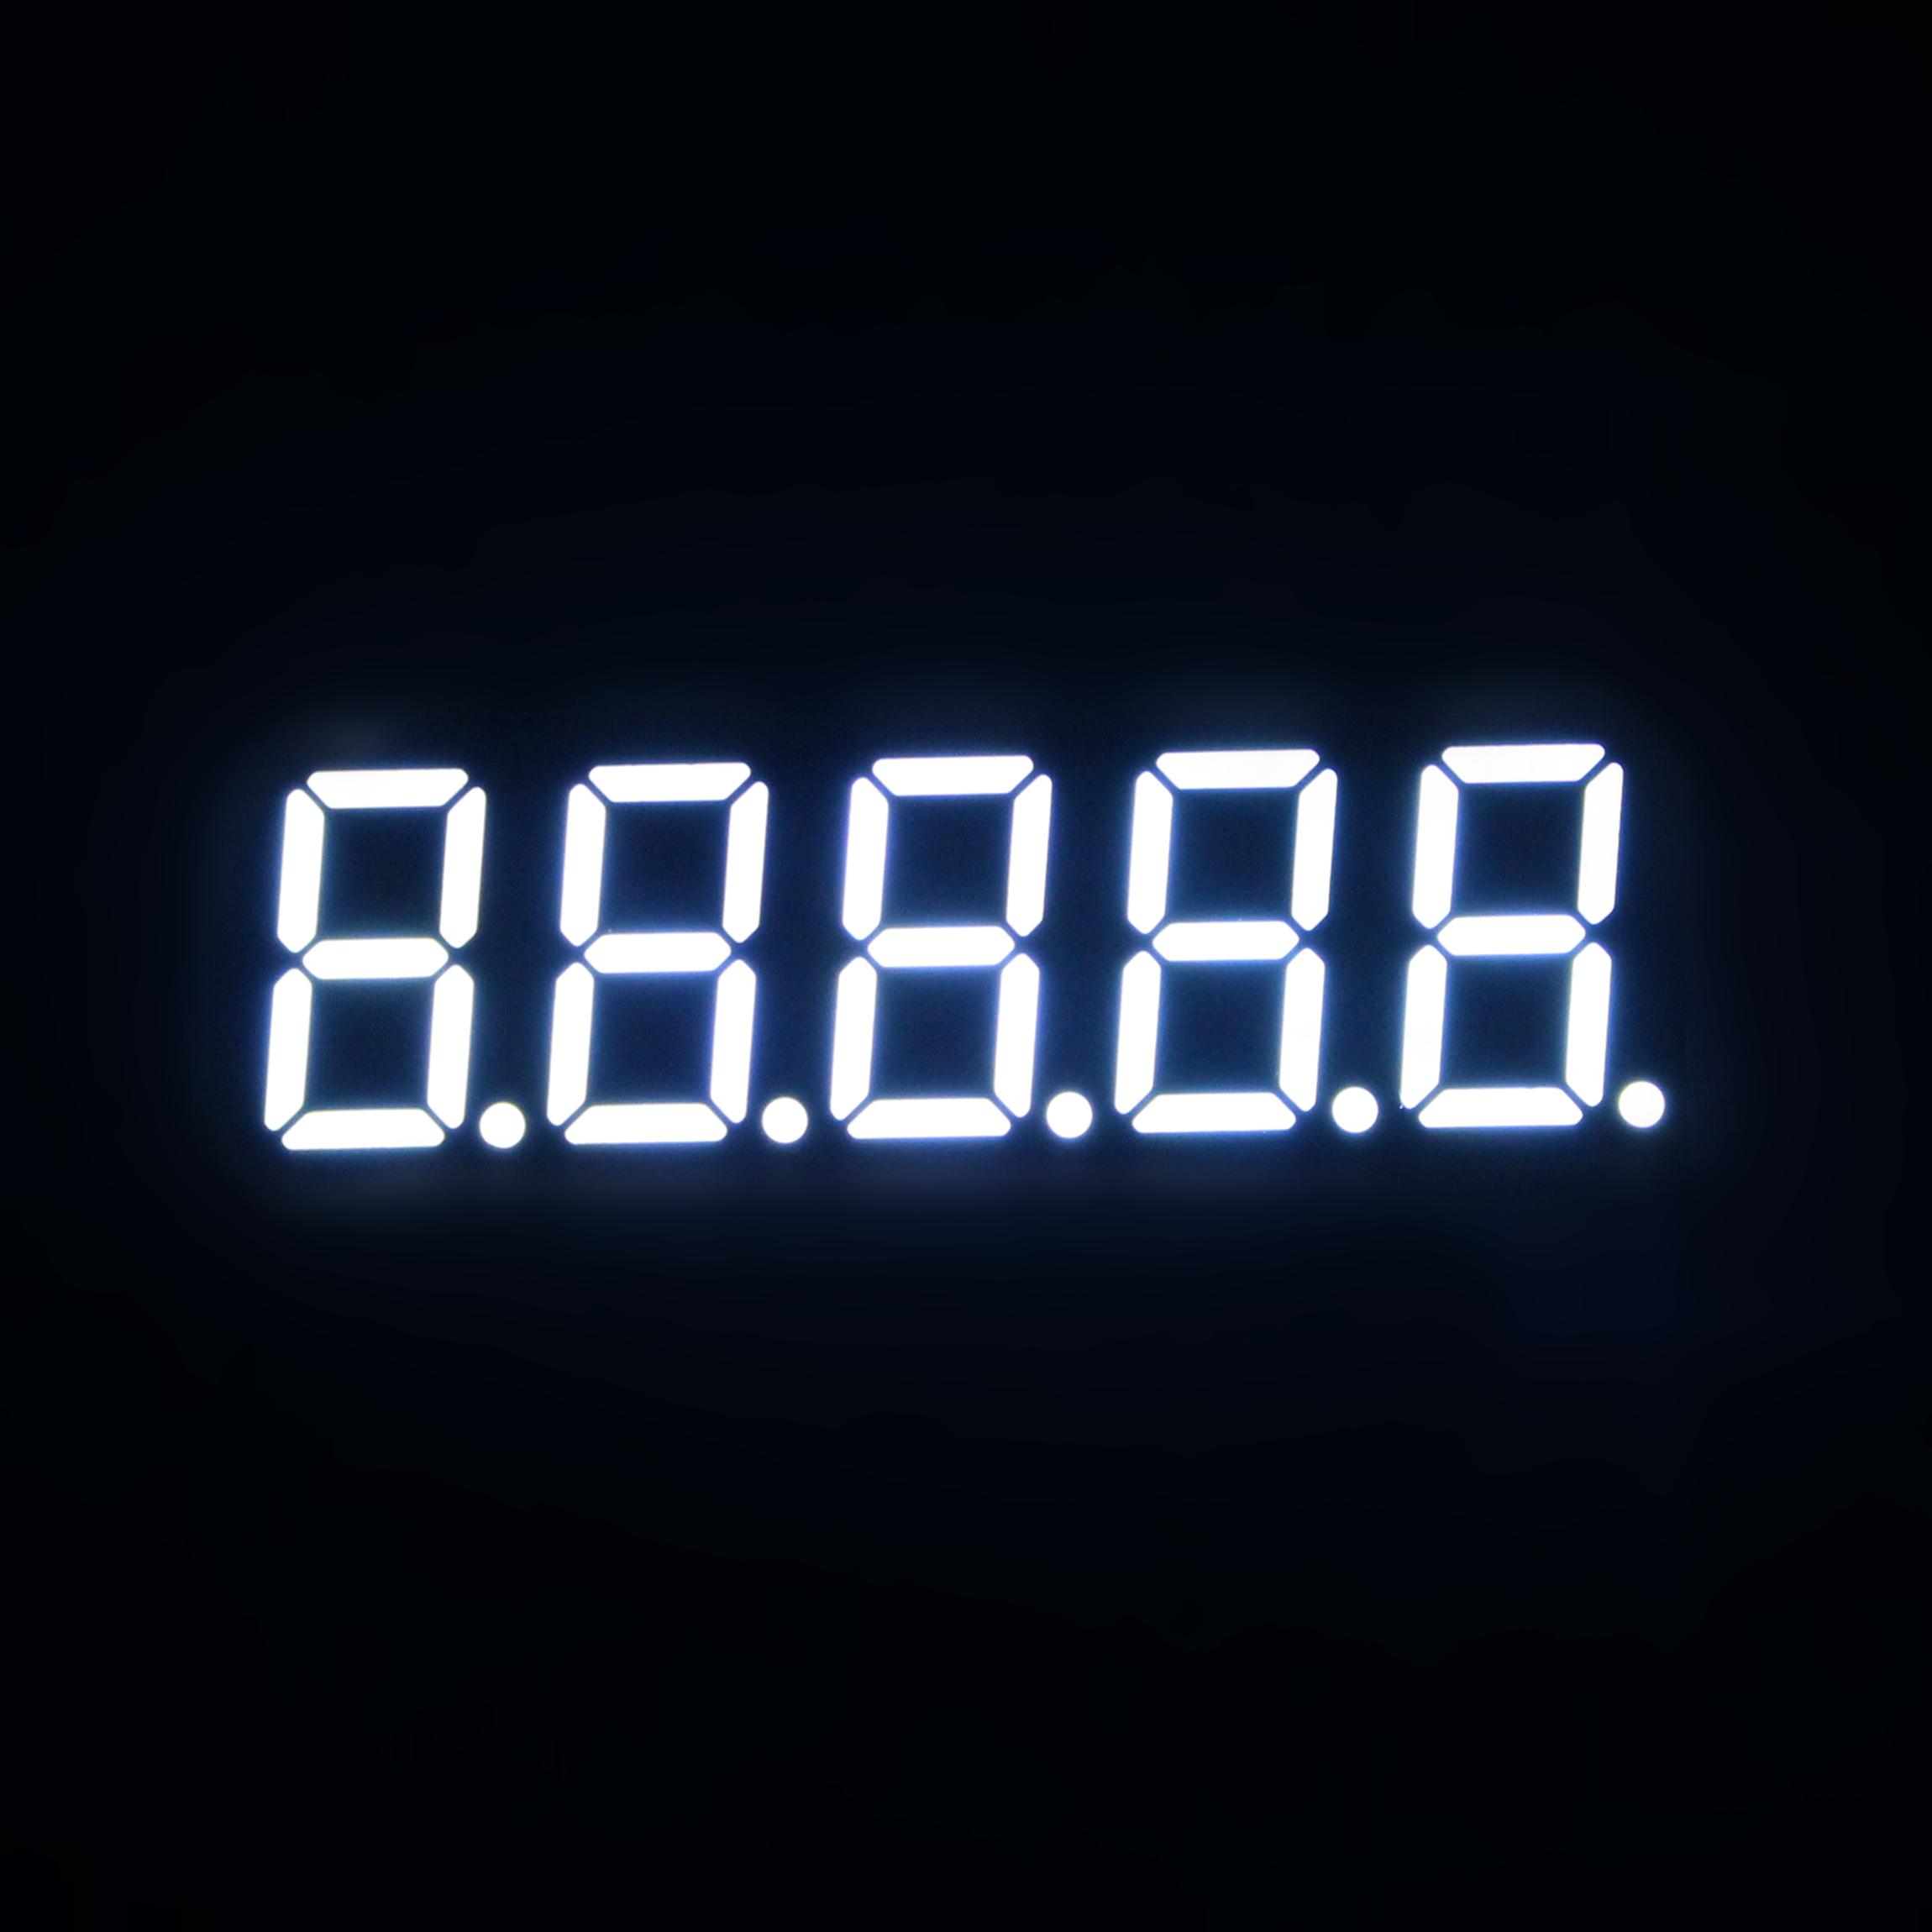 Kaufen Heiße 0,36 Zoll 7-Segment-LED-Anzeige 5-stellige fnd-Segmentanzeige;Heiße 0,36 Zoll 7-Segment-LED-Anzeige 5-stellige fnd-Segmentanzeige Preis;Heiße 0,36 Zoll 7-Segment-LED-Anzeige 5-stellige fnd-Segmentanzeige Marken;Heiße 0,36 Zoll 7-Segment-LED-Anzeige 5-stellige fnd-Segmentanzeige Hersteller;Heiße 0,36 Zoll 7-Segment-LED-Anzeige 5-stellige fnd-Segmentanzeige Zitat;Heiße 0,36 Zoll 7-Segment-LED-Anzeige 5-stellige fnd-Segmentanzeige Unternehmen